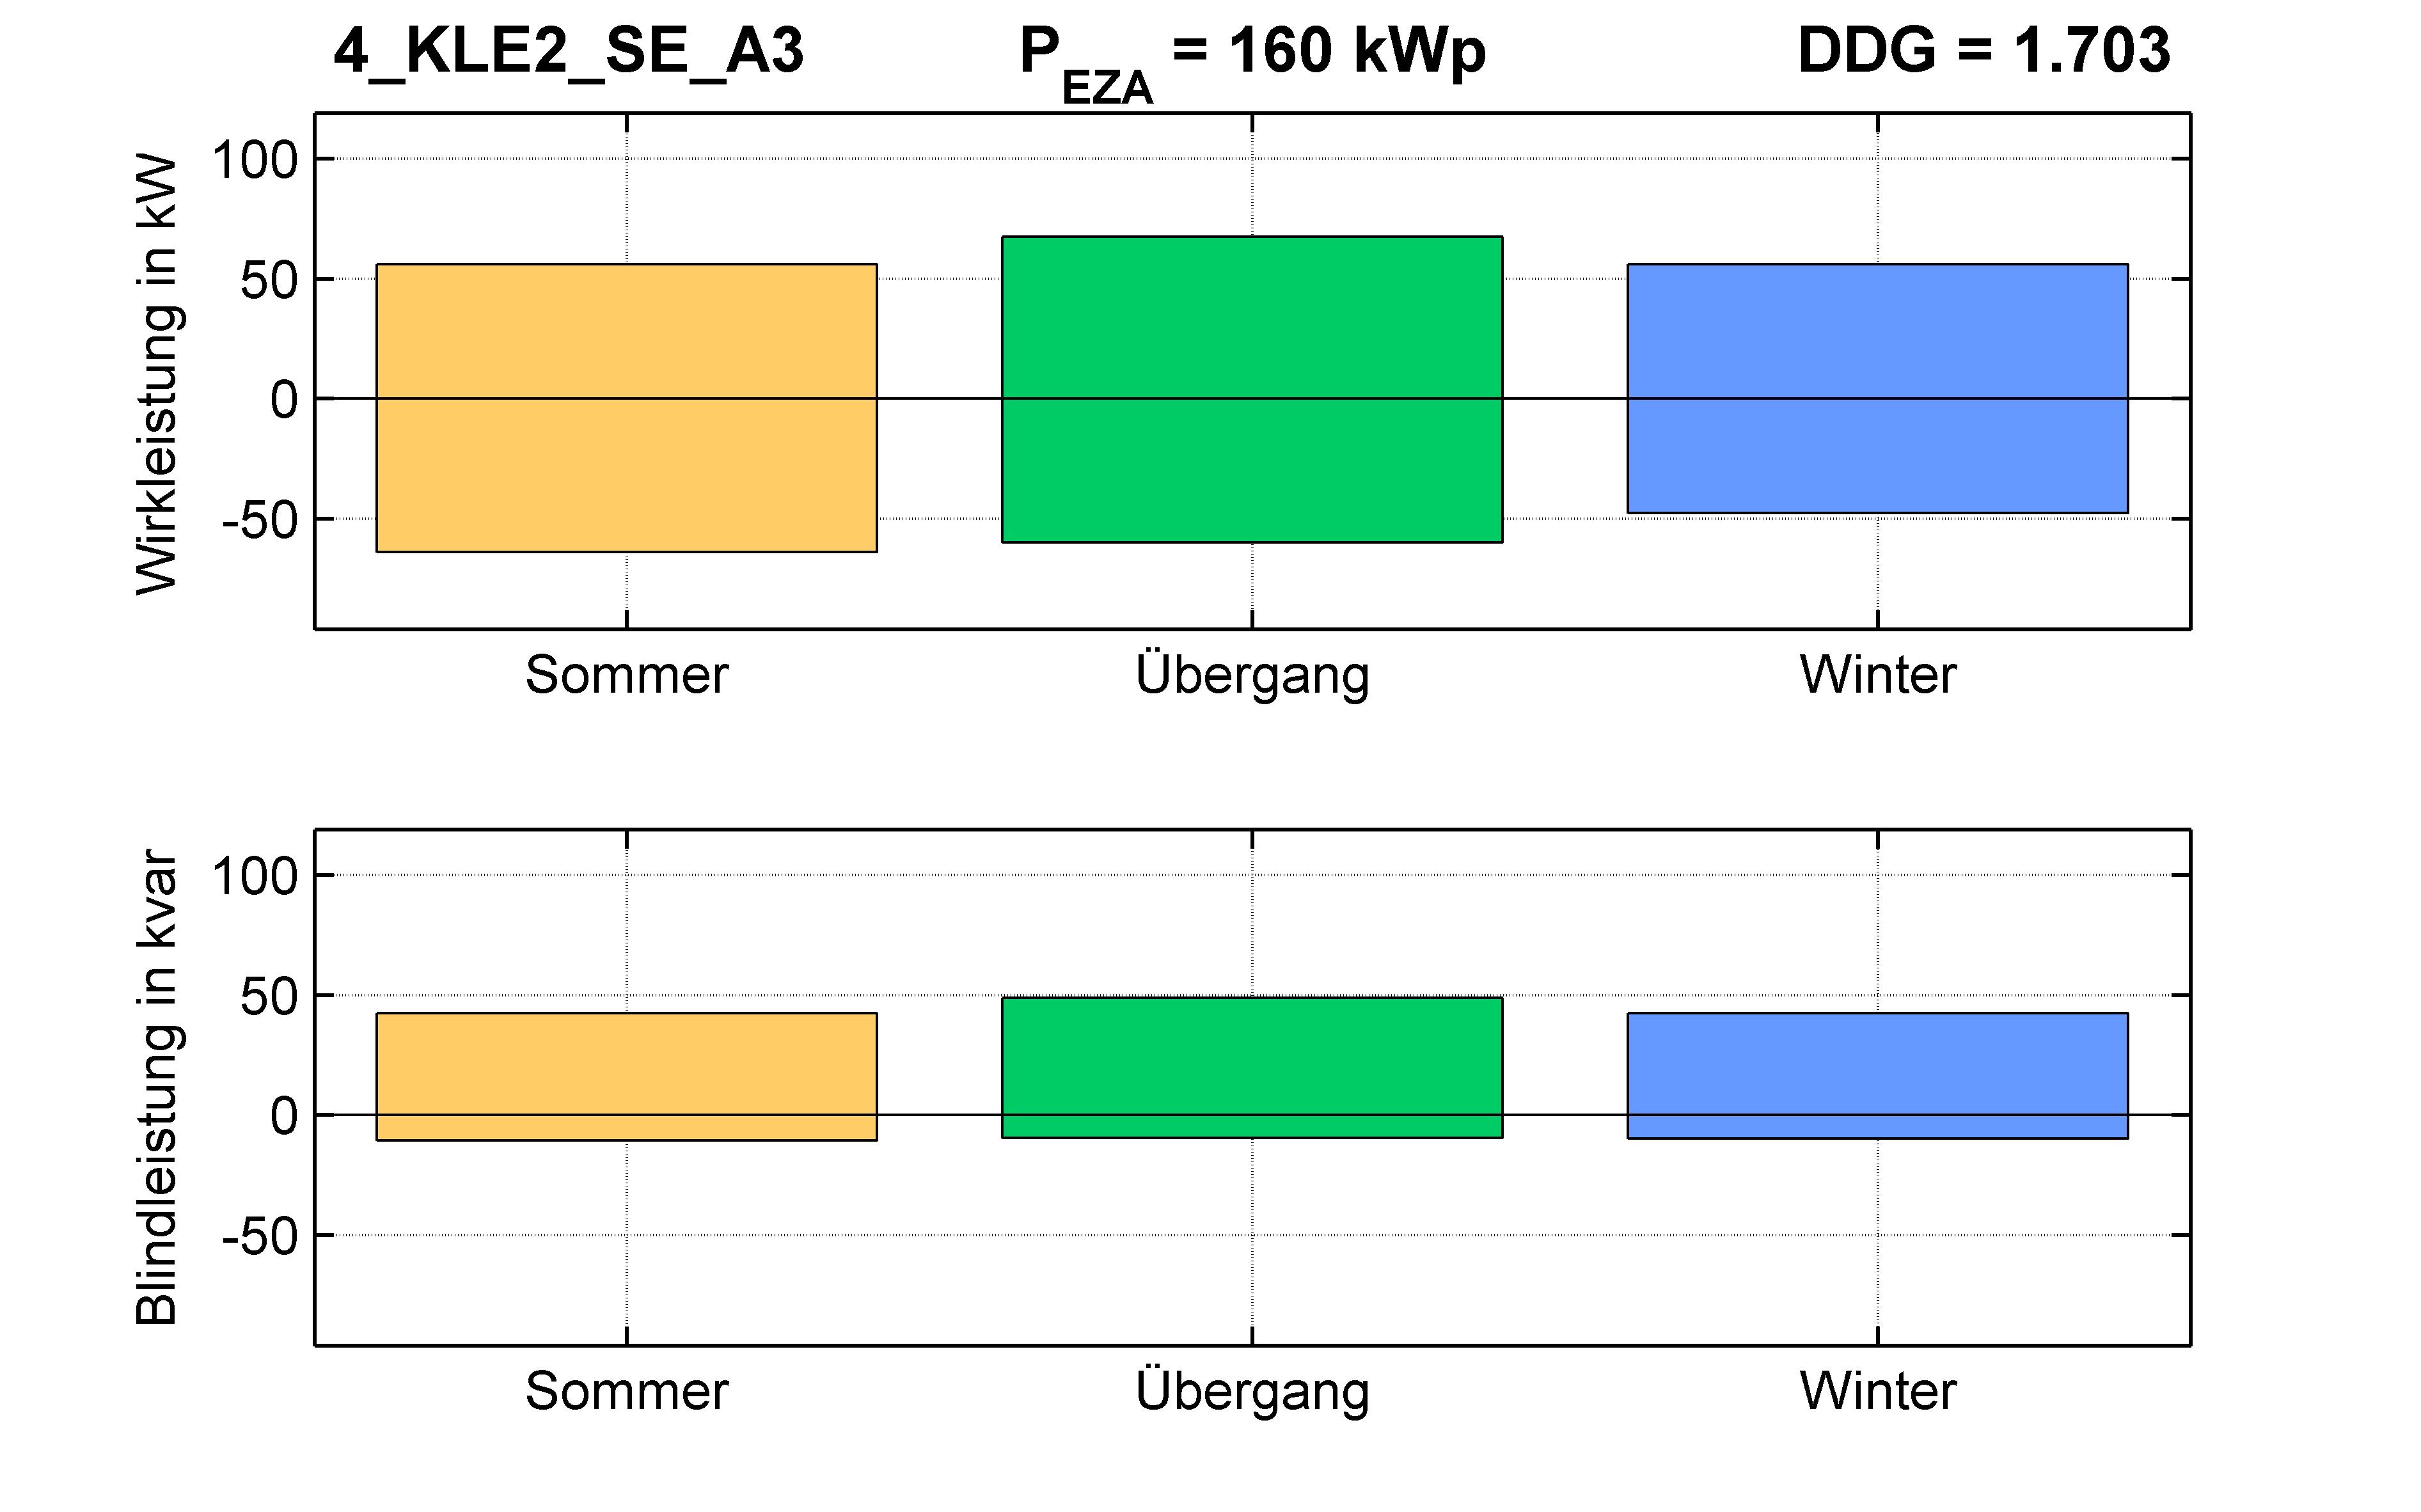 KLE2 | P-Kappung 55% (SE) A3 | PQ-Bilanz